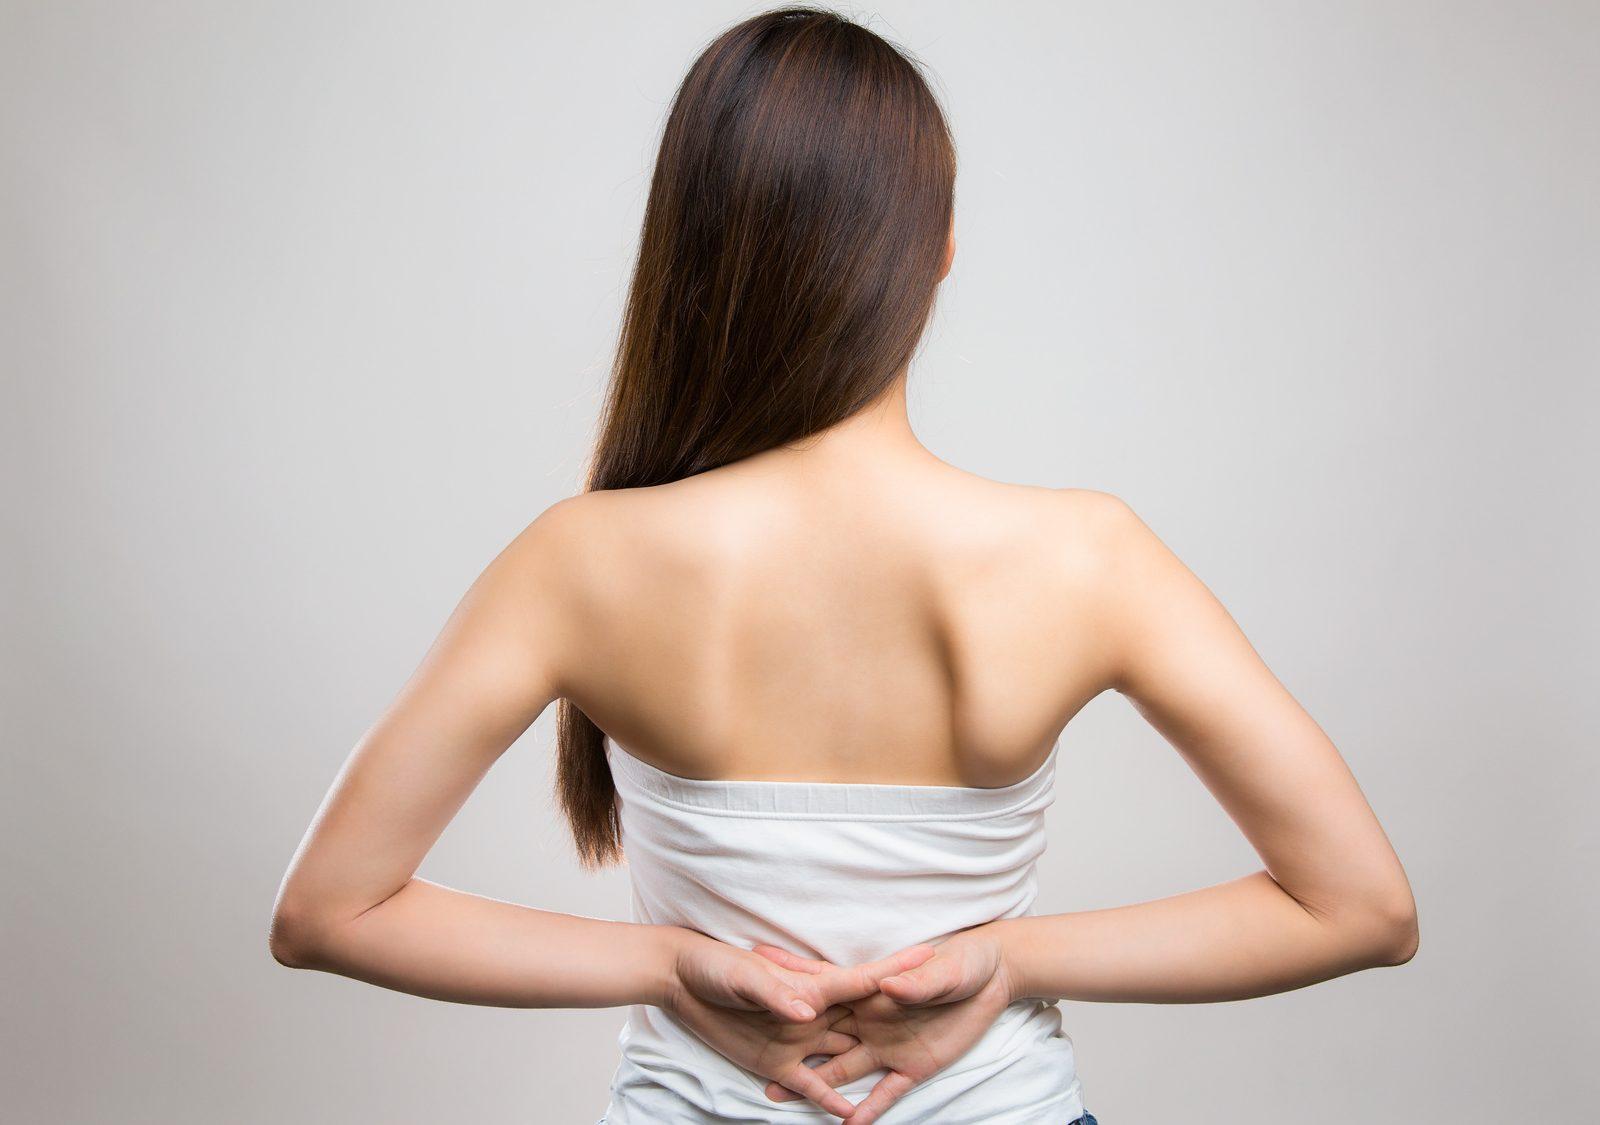 冬太り解消に!やせやすい体をつくる「筋膜リリース」3つの基本